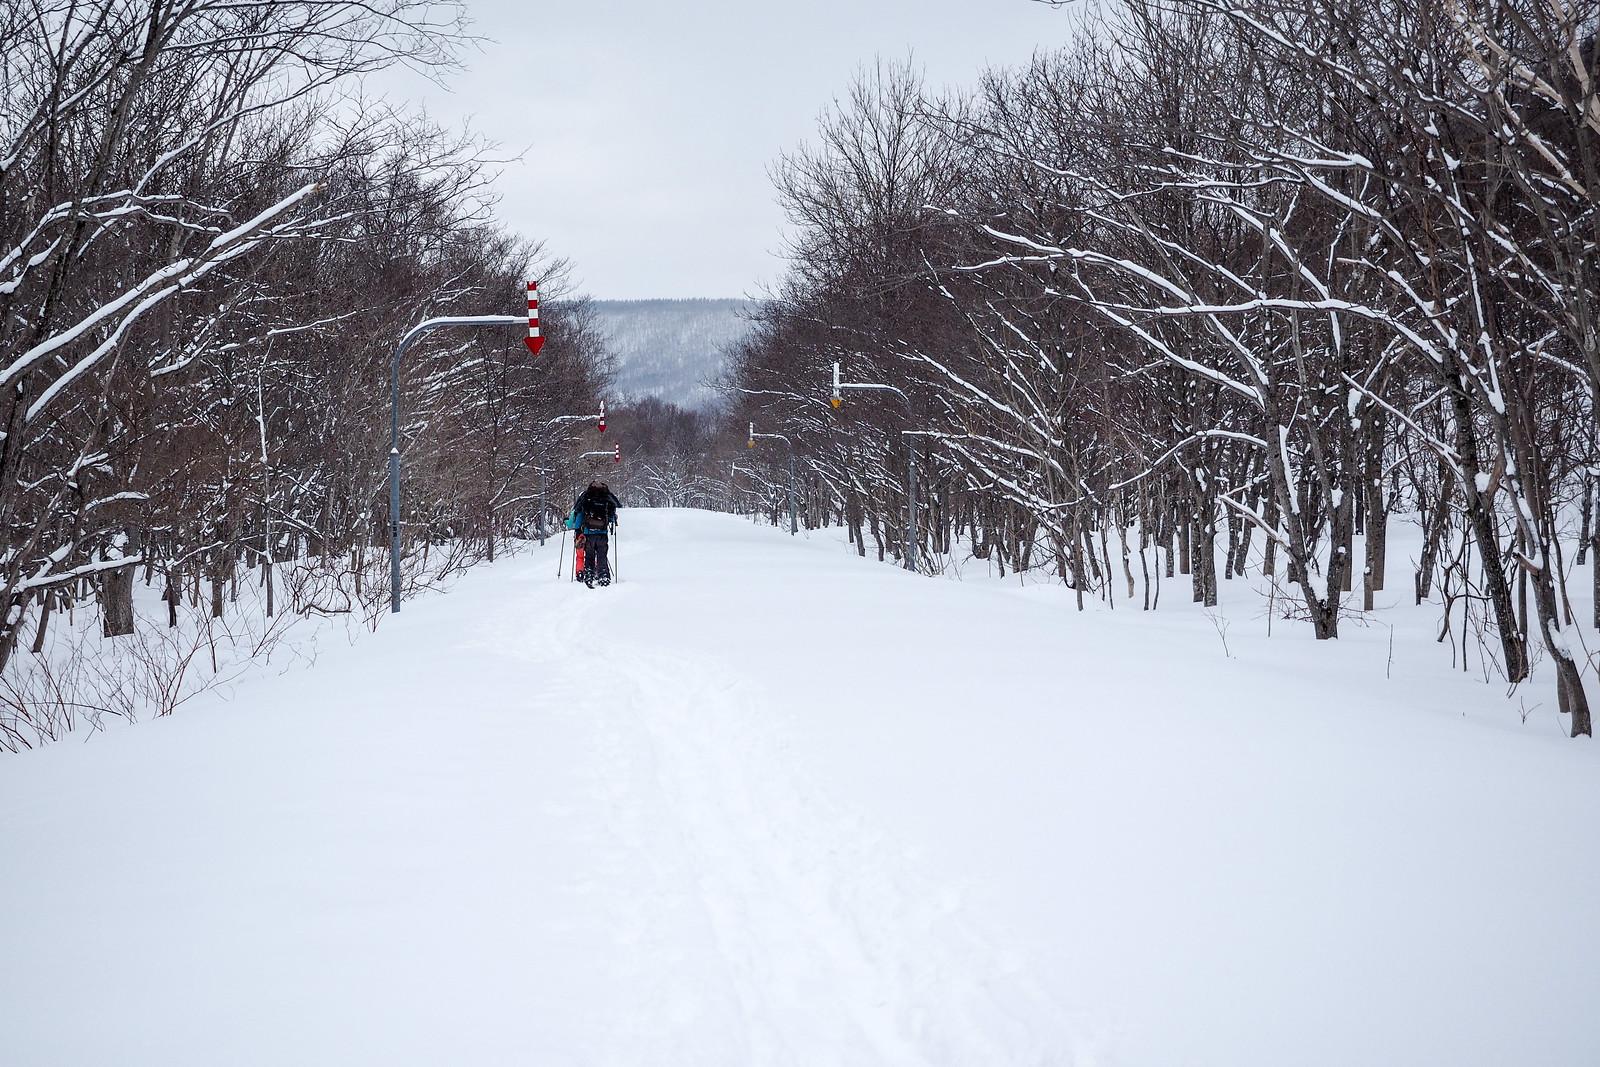 Mt. Shokanbetsu-dake Ski Touring (Hokkaido, Japan)